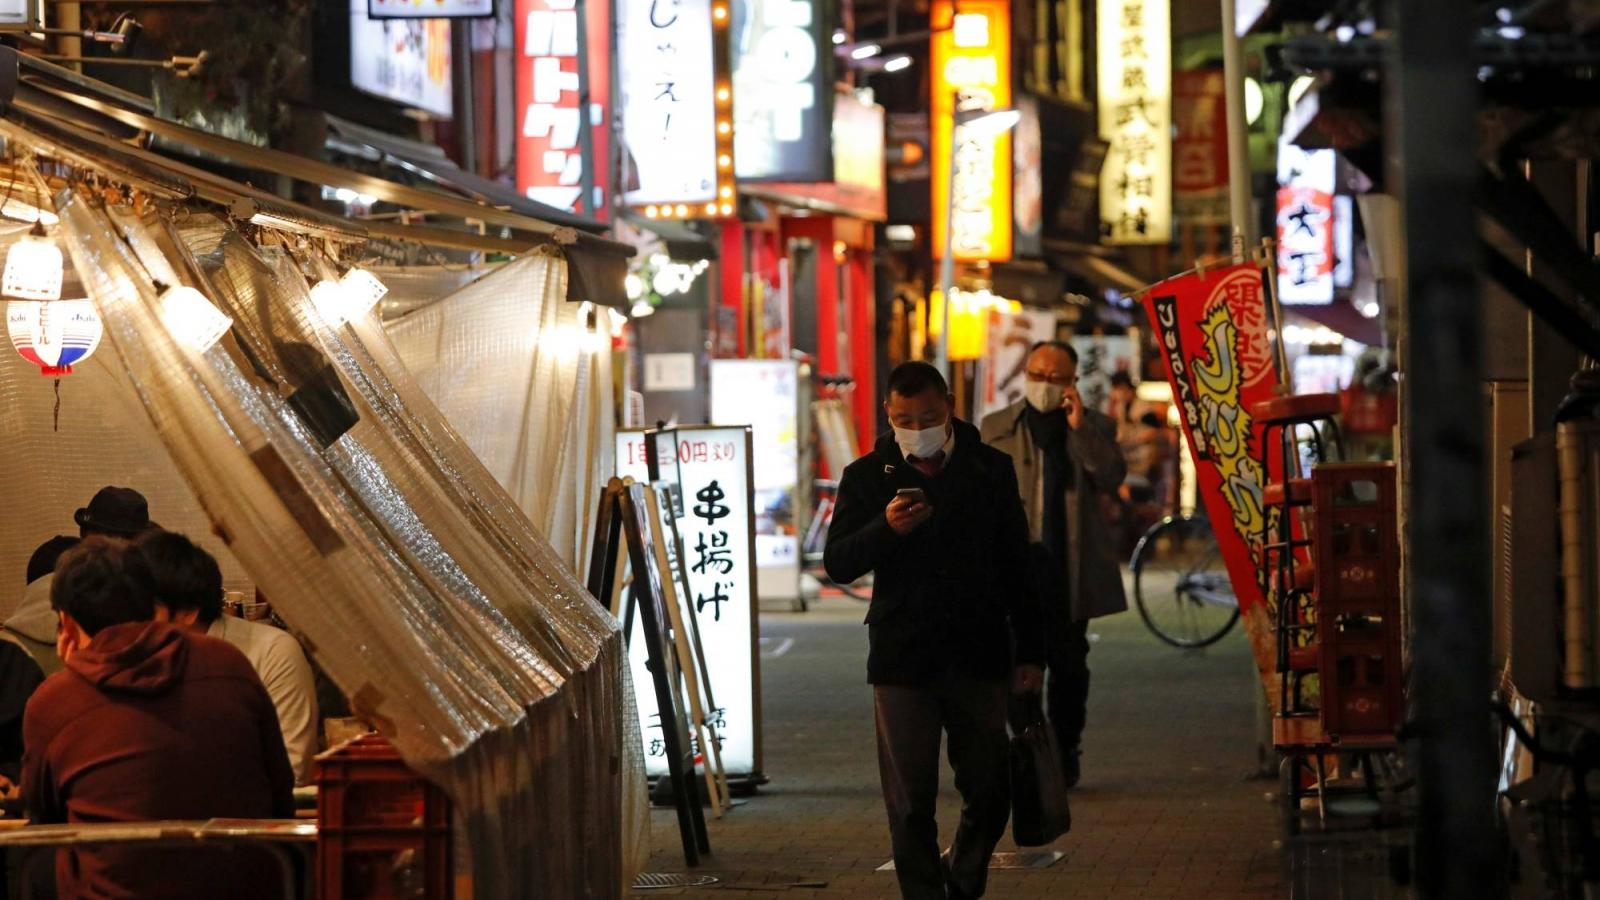 Nhật Bản phát hiện ổ dịch Covid-19 liên quan đến biến thể mới